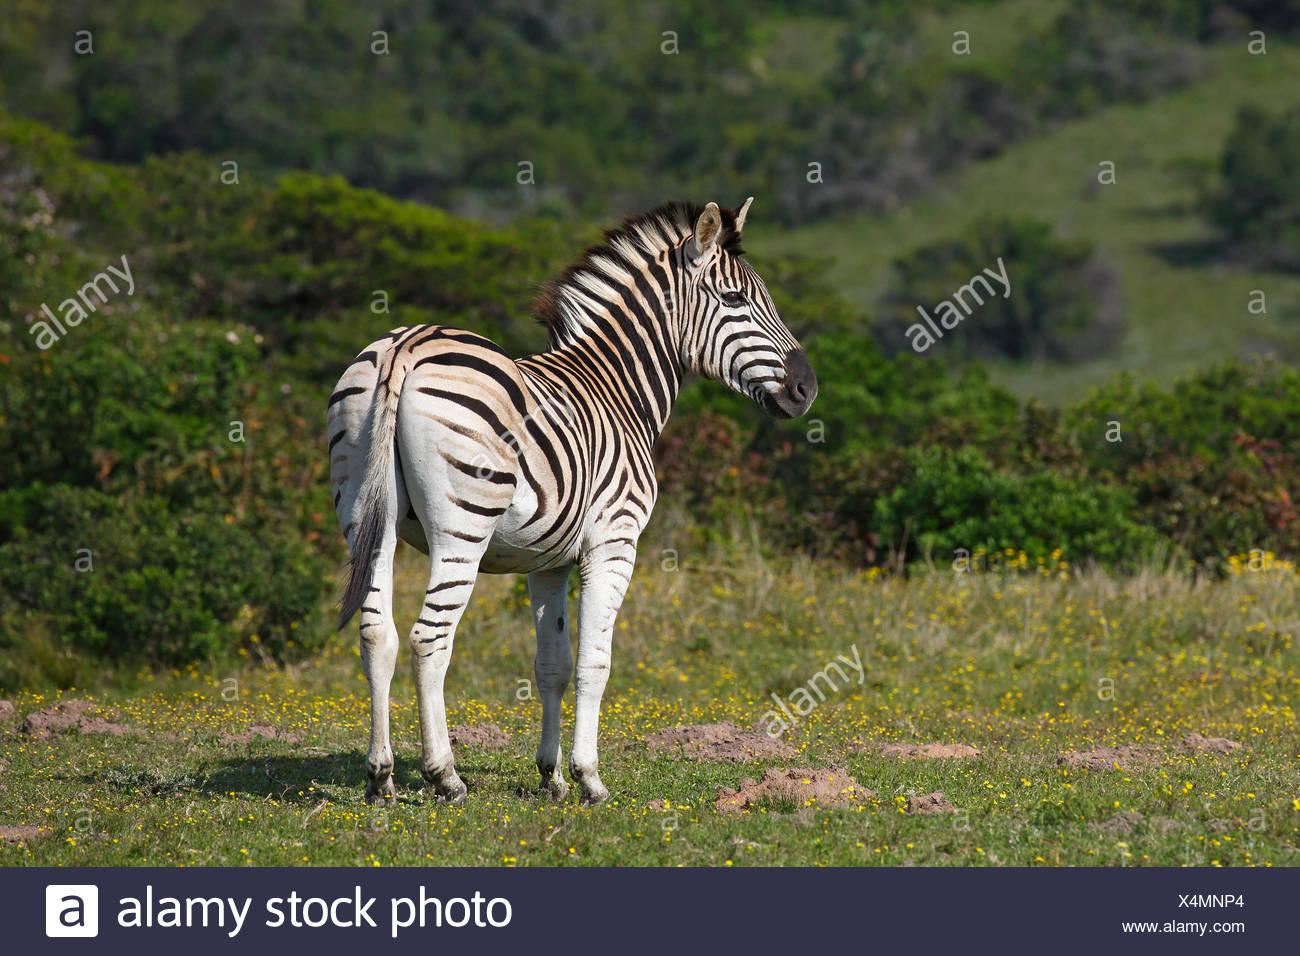 La moule quagga (Equus burchelli) le zèbre de Burchell, Addo Elephant National Park, Afrique du Sud Photo Stock